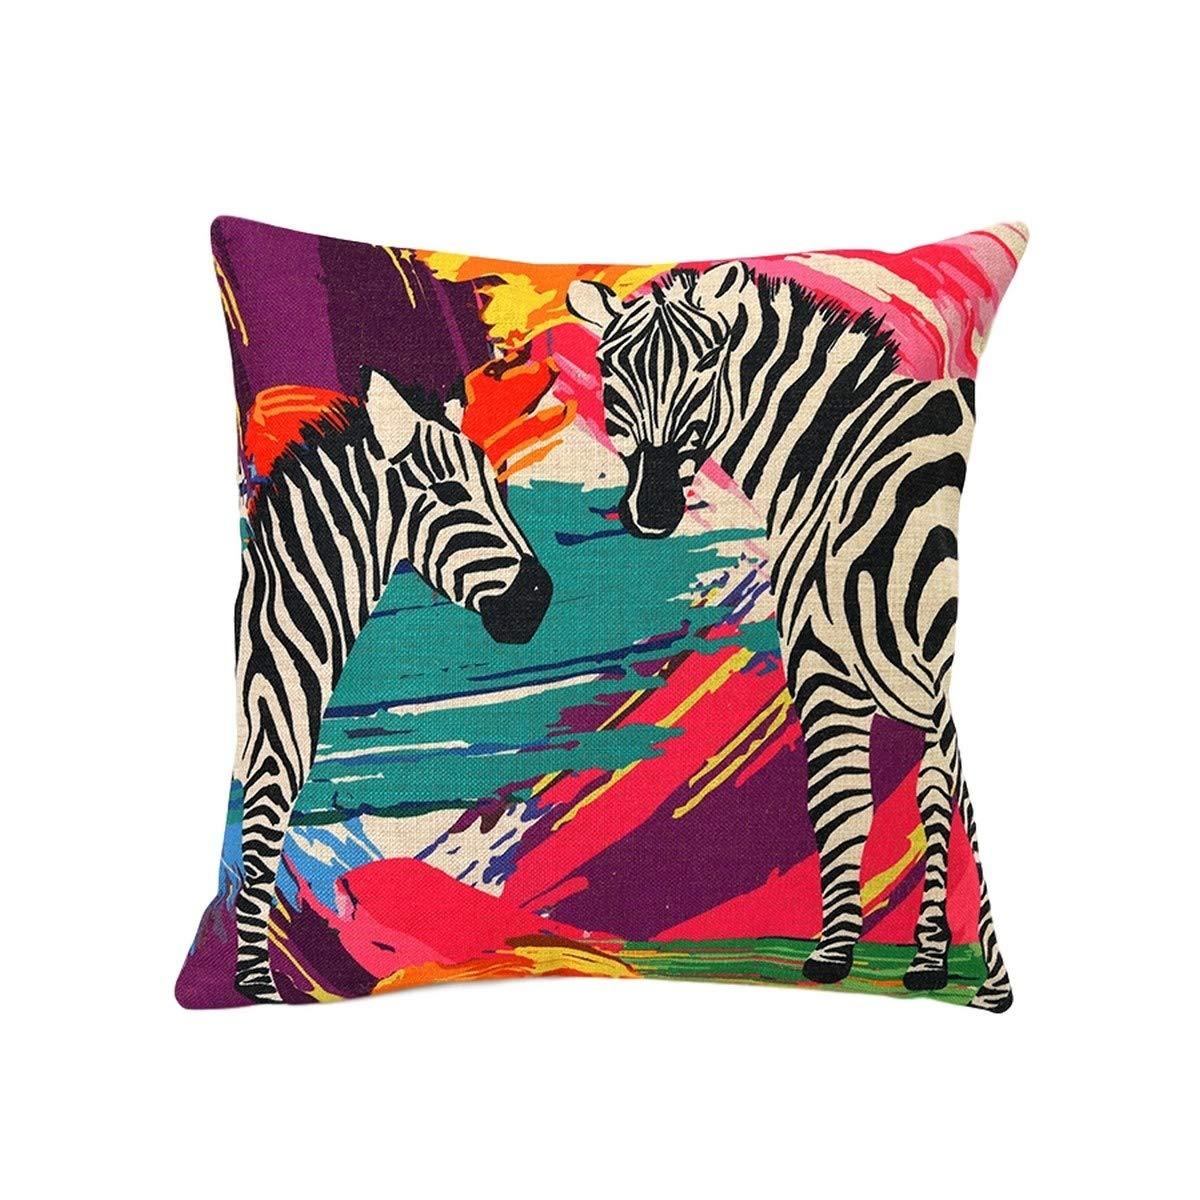 Nacnic Funda de cojin Zebras Colores